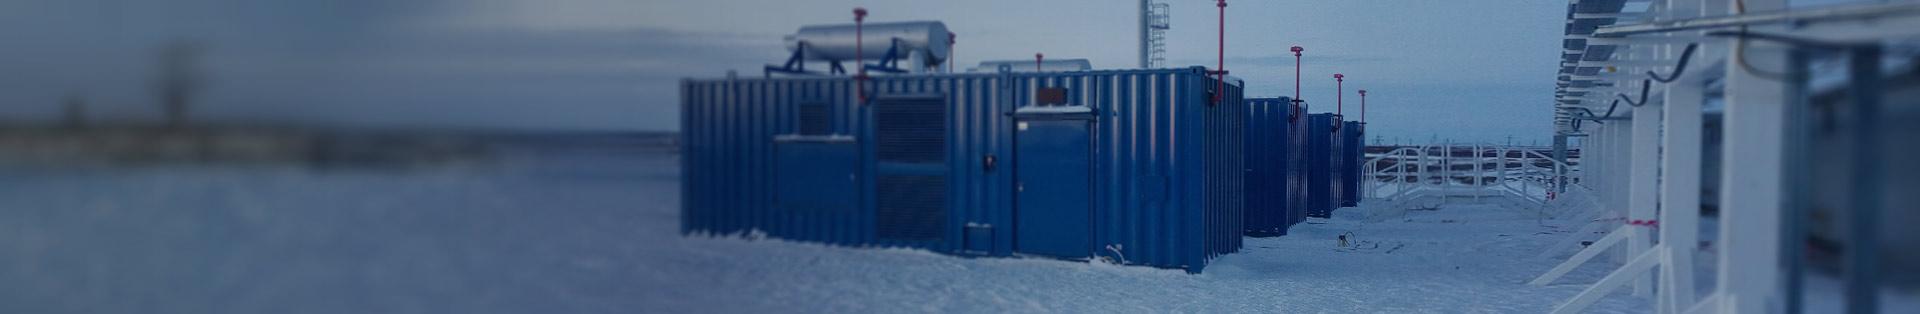 гидростанция ламборджини дизель нефтнгаз